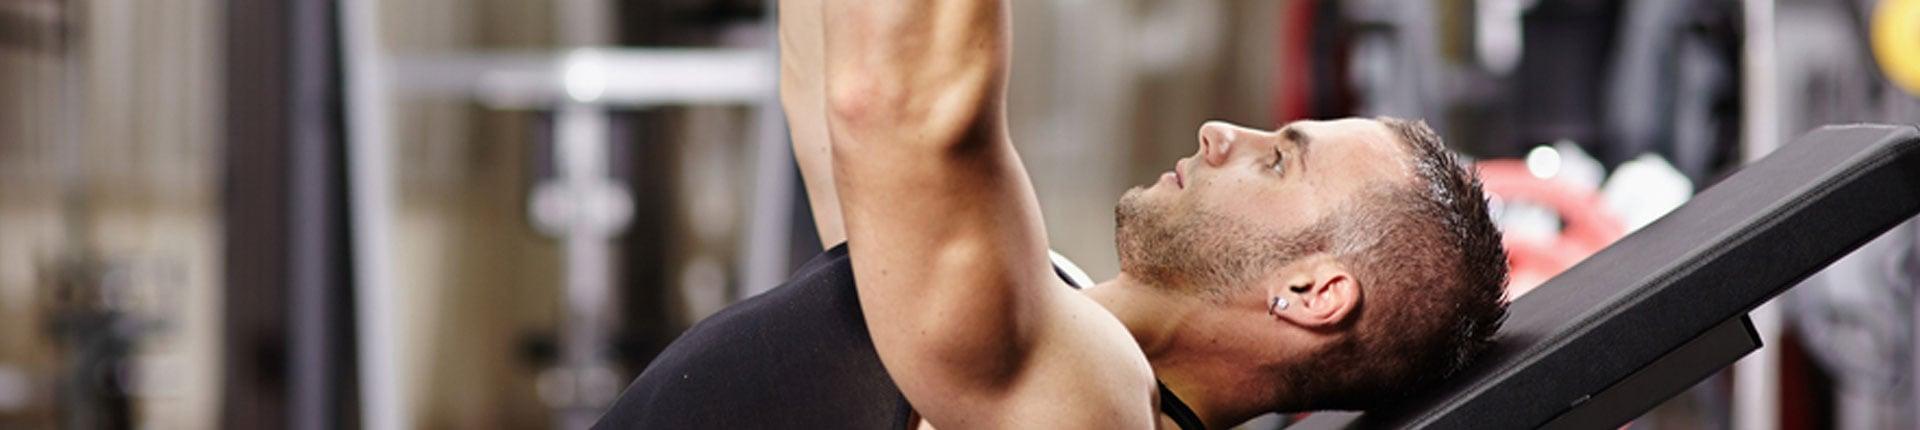 Siłownia i gry zespołowe - jak pogodzić treningi?